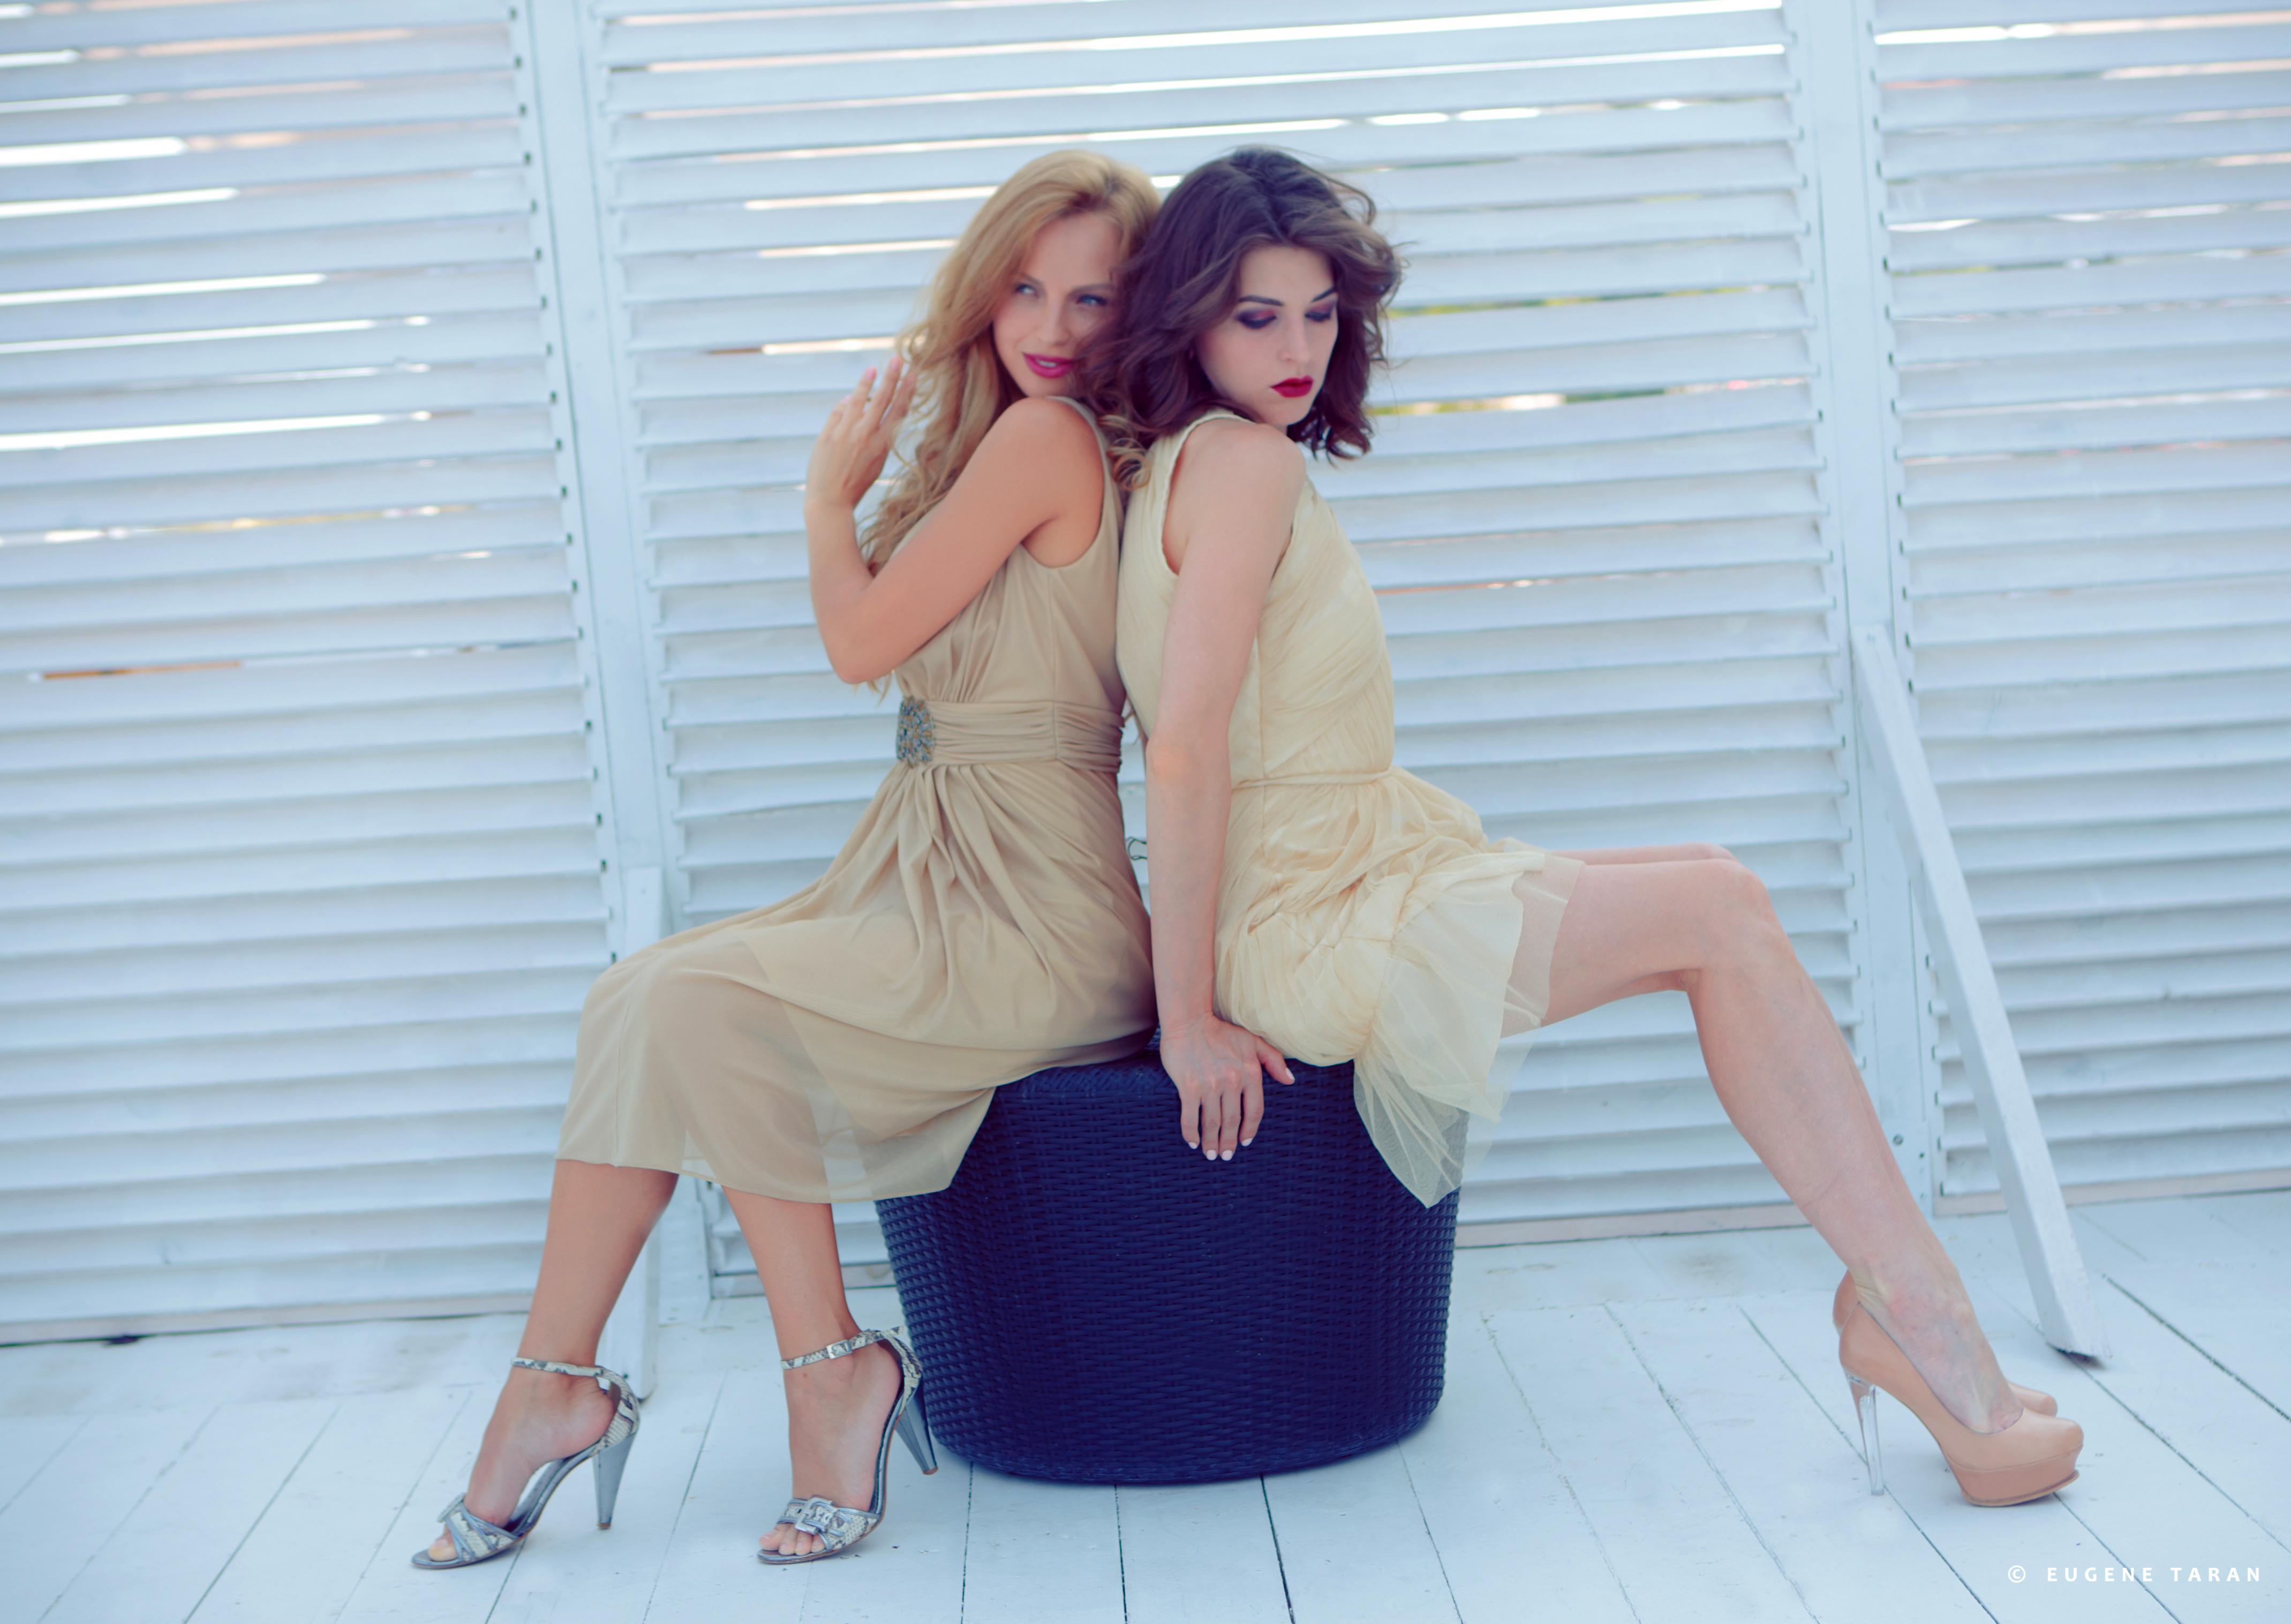 Салон вечерних платьев ❤Skoro-Svadba❤ в Одессе. В продаже оригинальные, стильные, модные выпускные, короткие вечерние платья года в огромном ассортименте ☎ +38 (048) 701-33-03